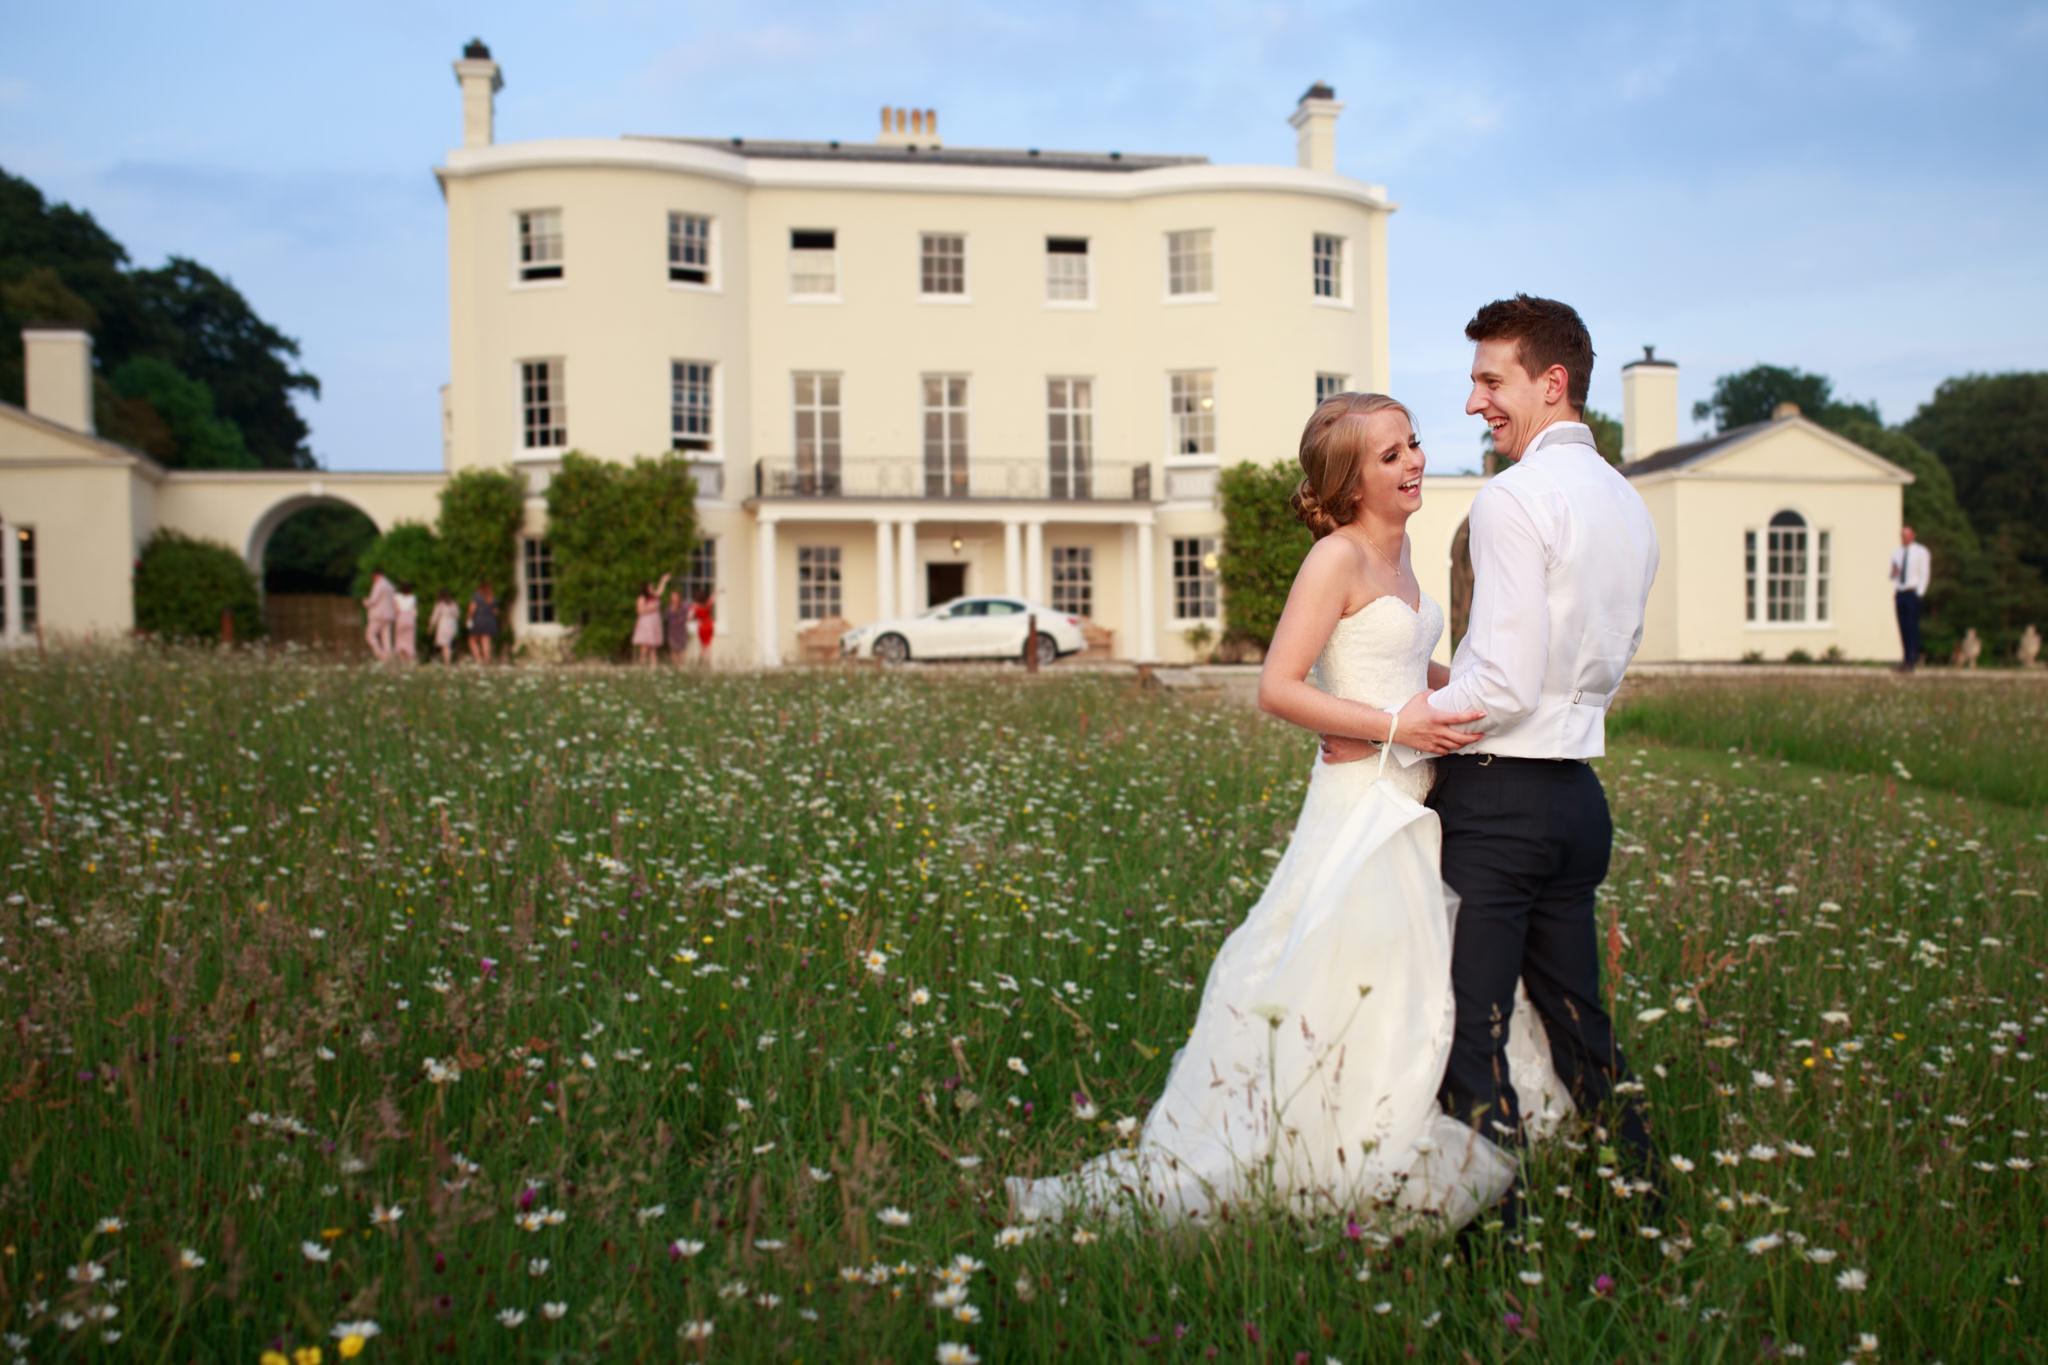 Rockbeare manor wedding photographer 043.jpg